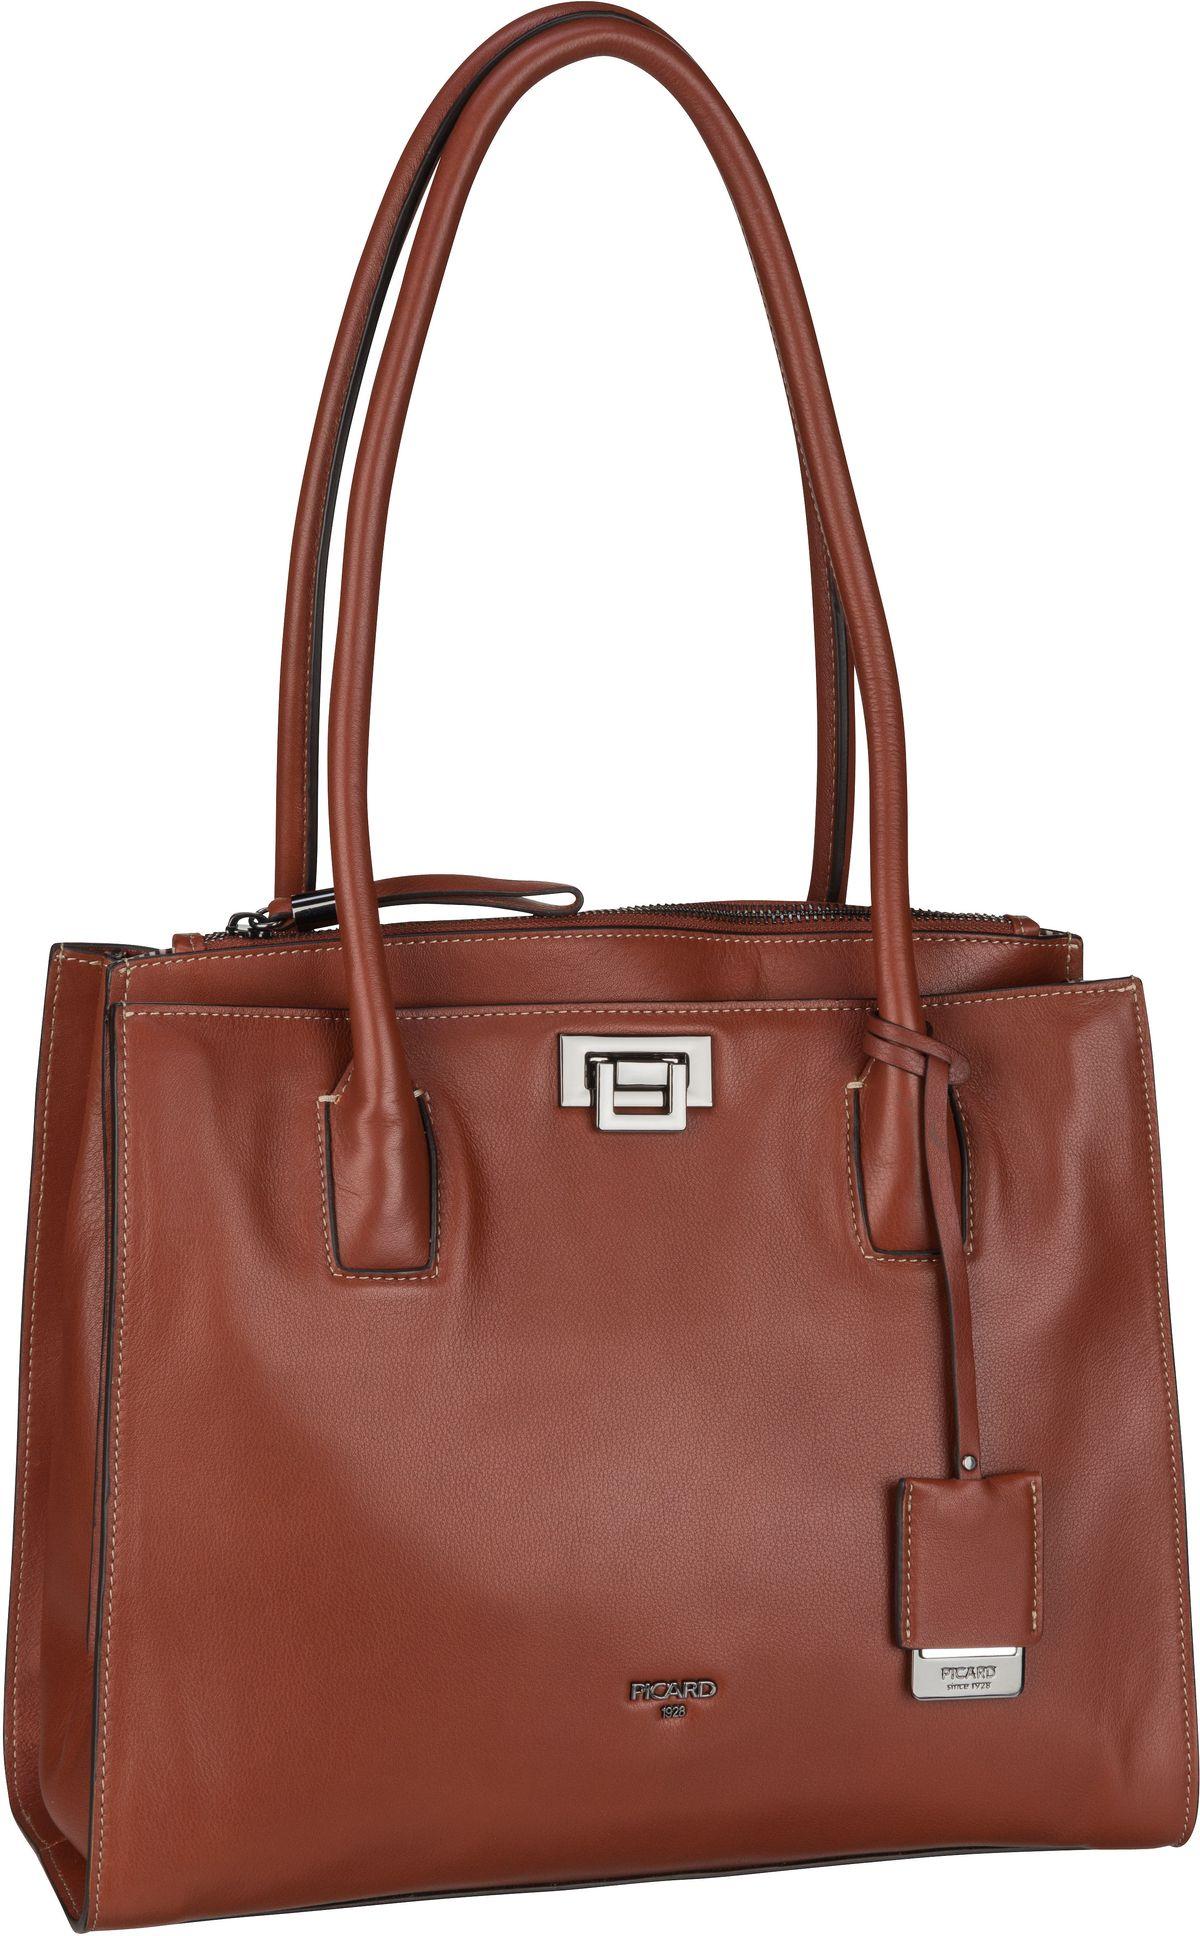 Handtasche Janis 9687 Cognac